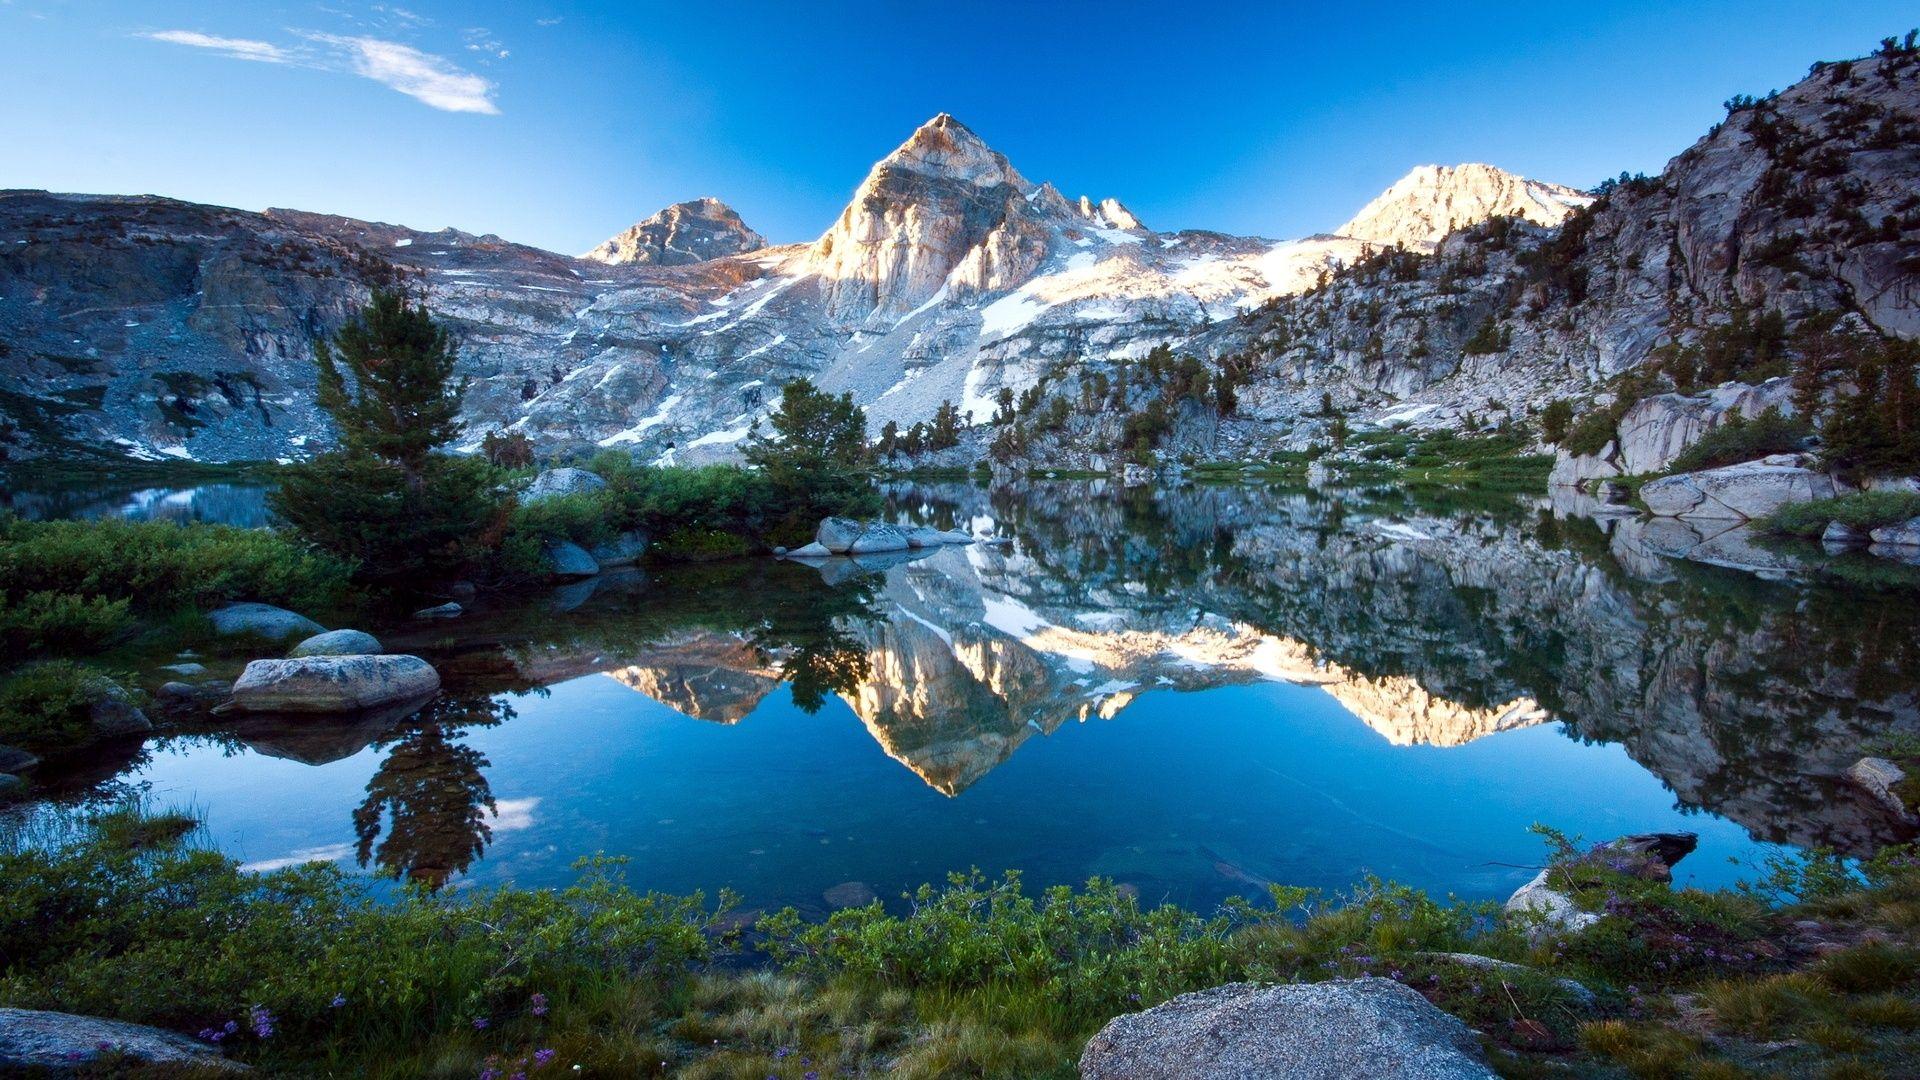 андрей горный пейзаж фото в высоком качестве такой ведь